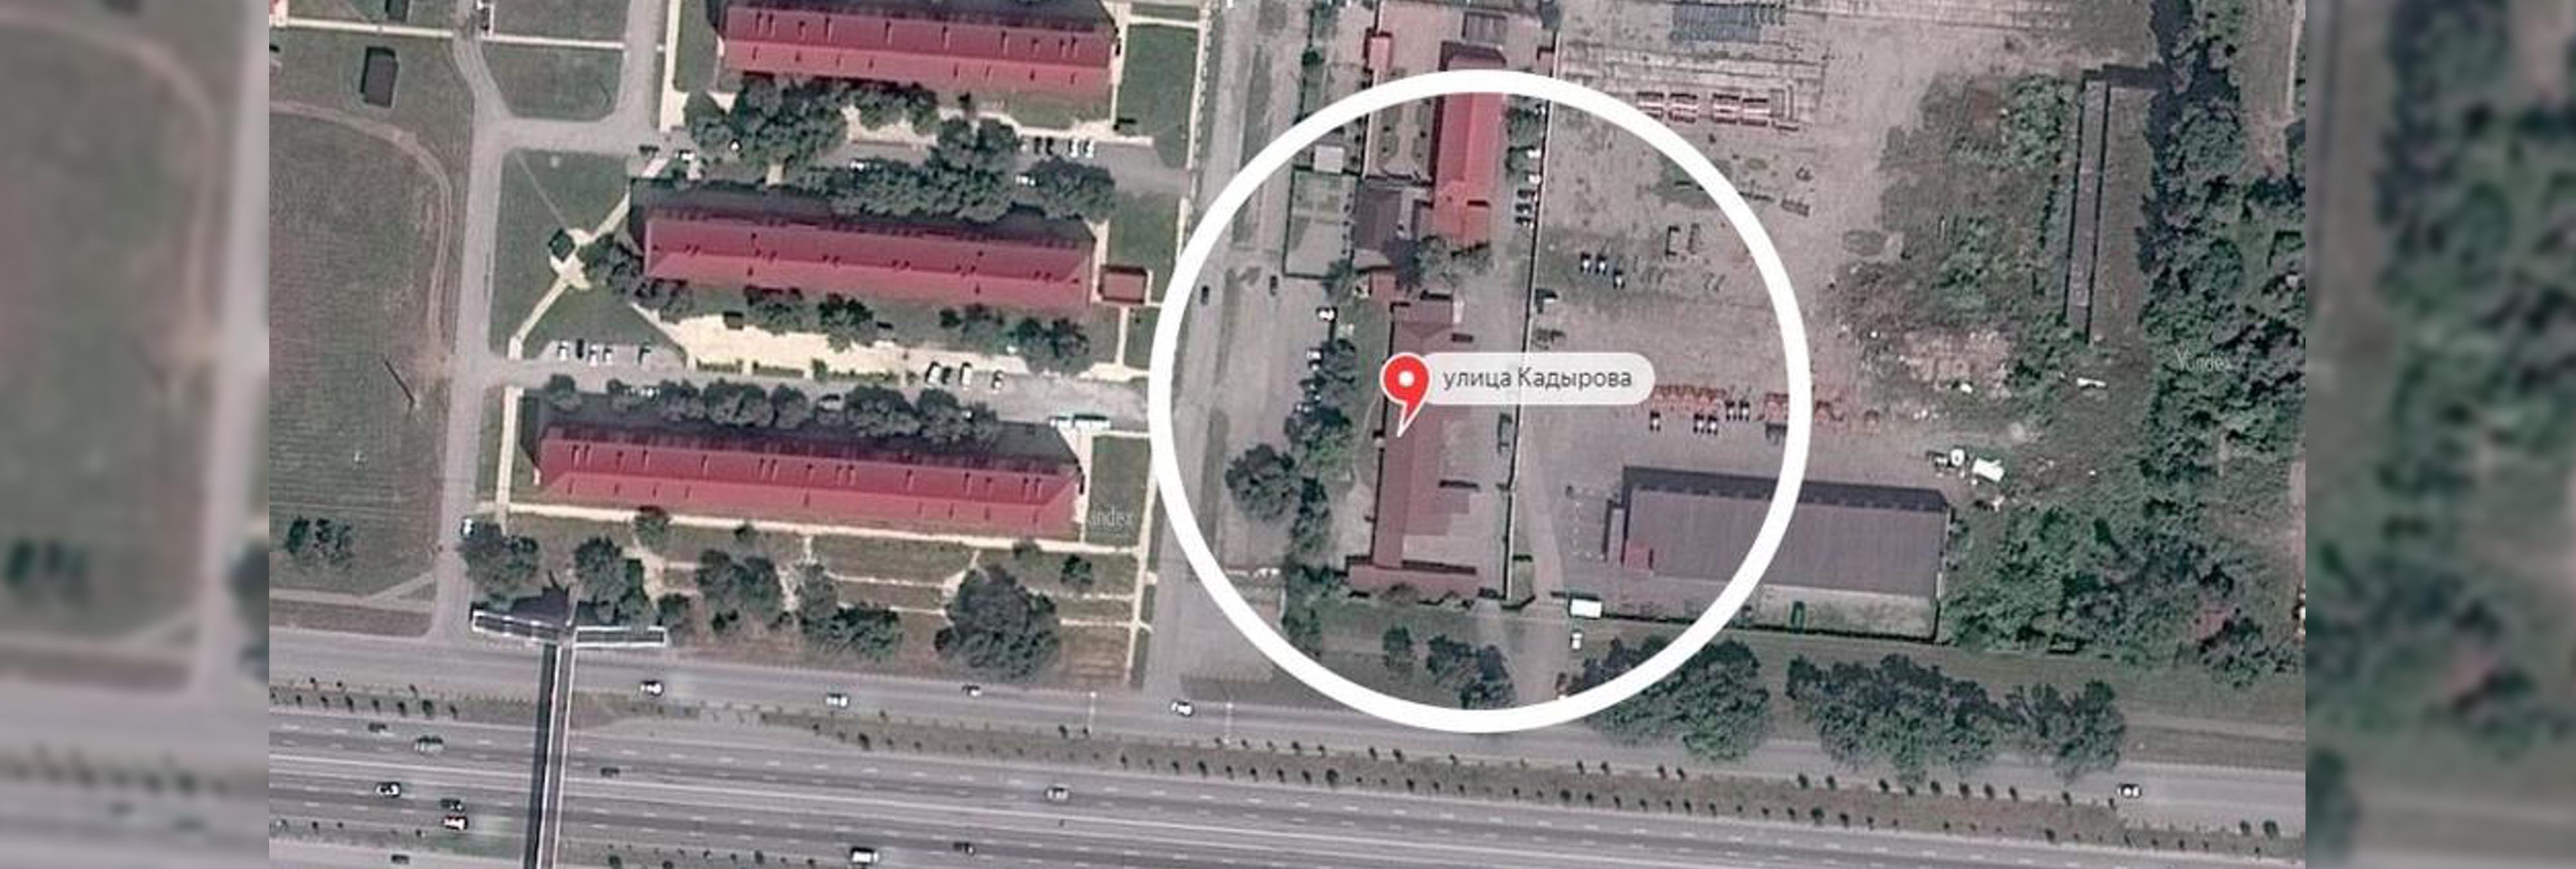 Chechenia abre campos de concentración para homosexuales